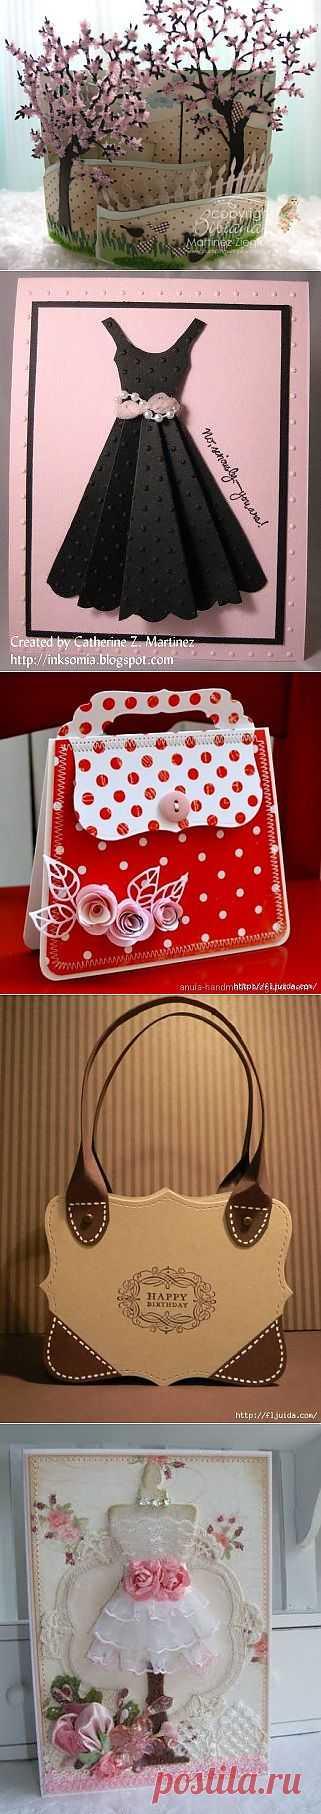 Идеи оформления открыток, мастер-класс / Бумага и карандаши (скрапбукинг, оригами, и т.д.) / ВТОРАЯ УЛИЦА